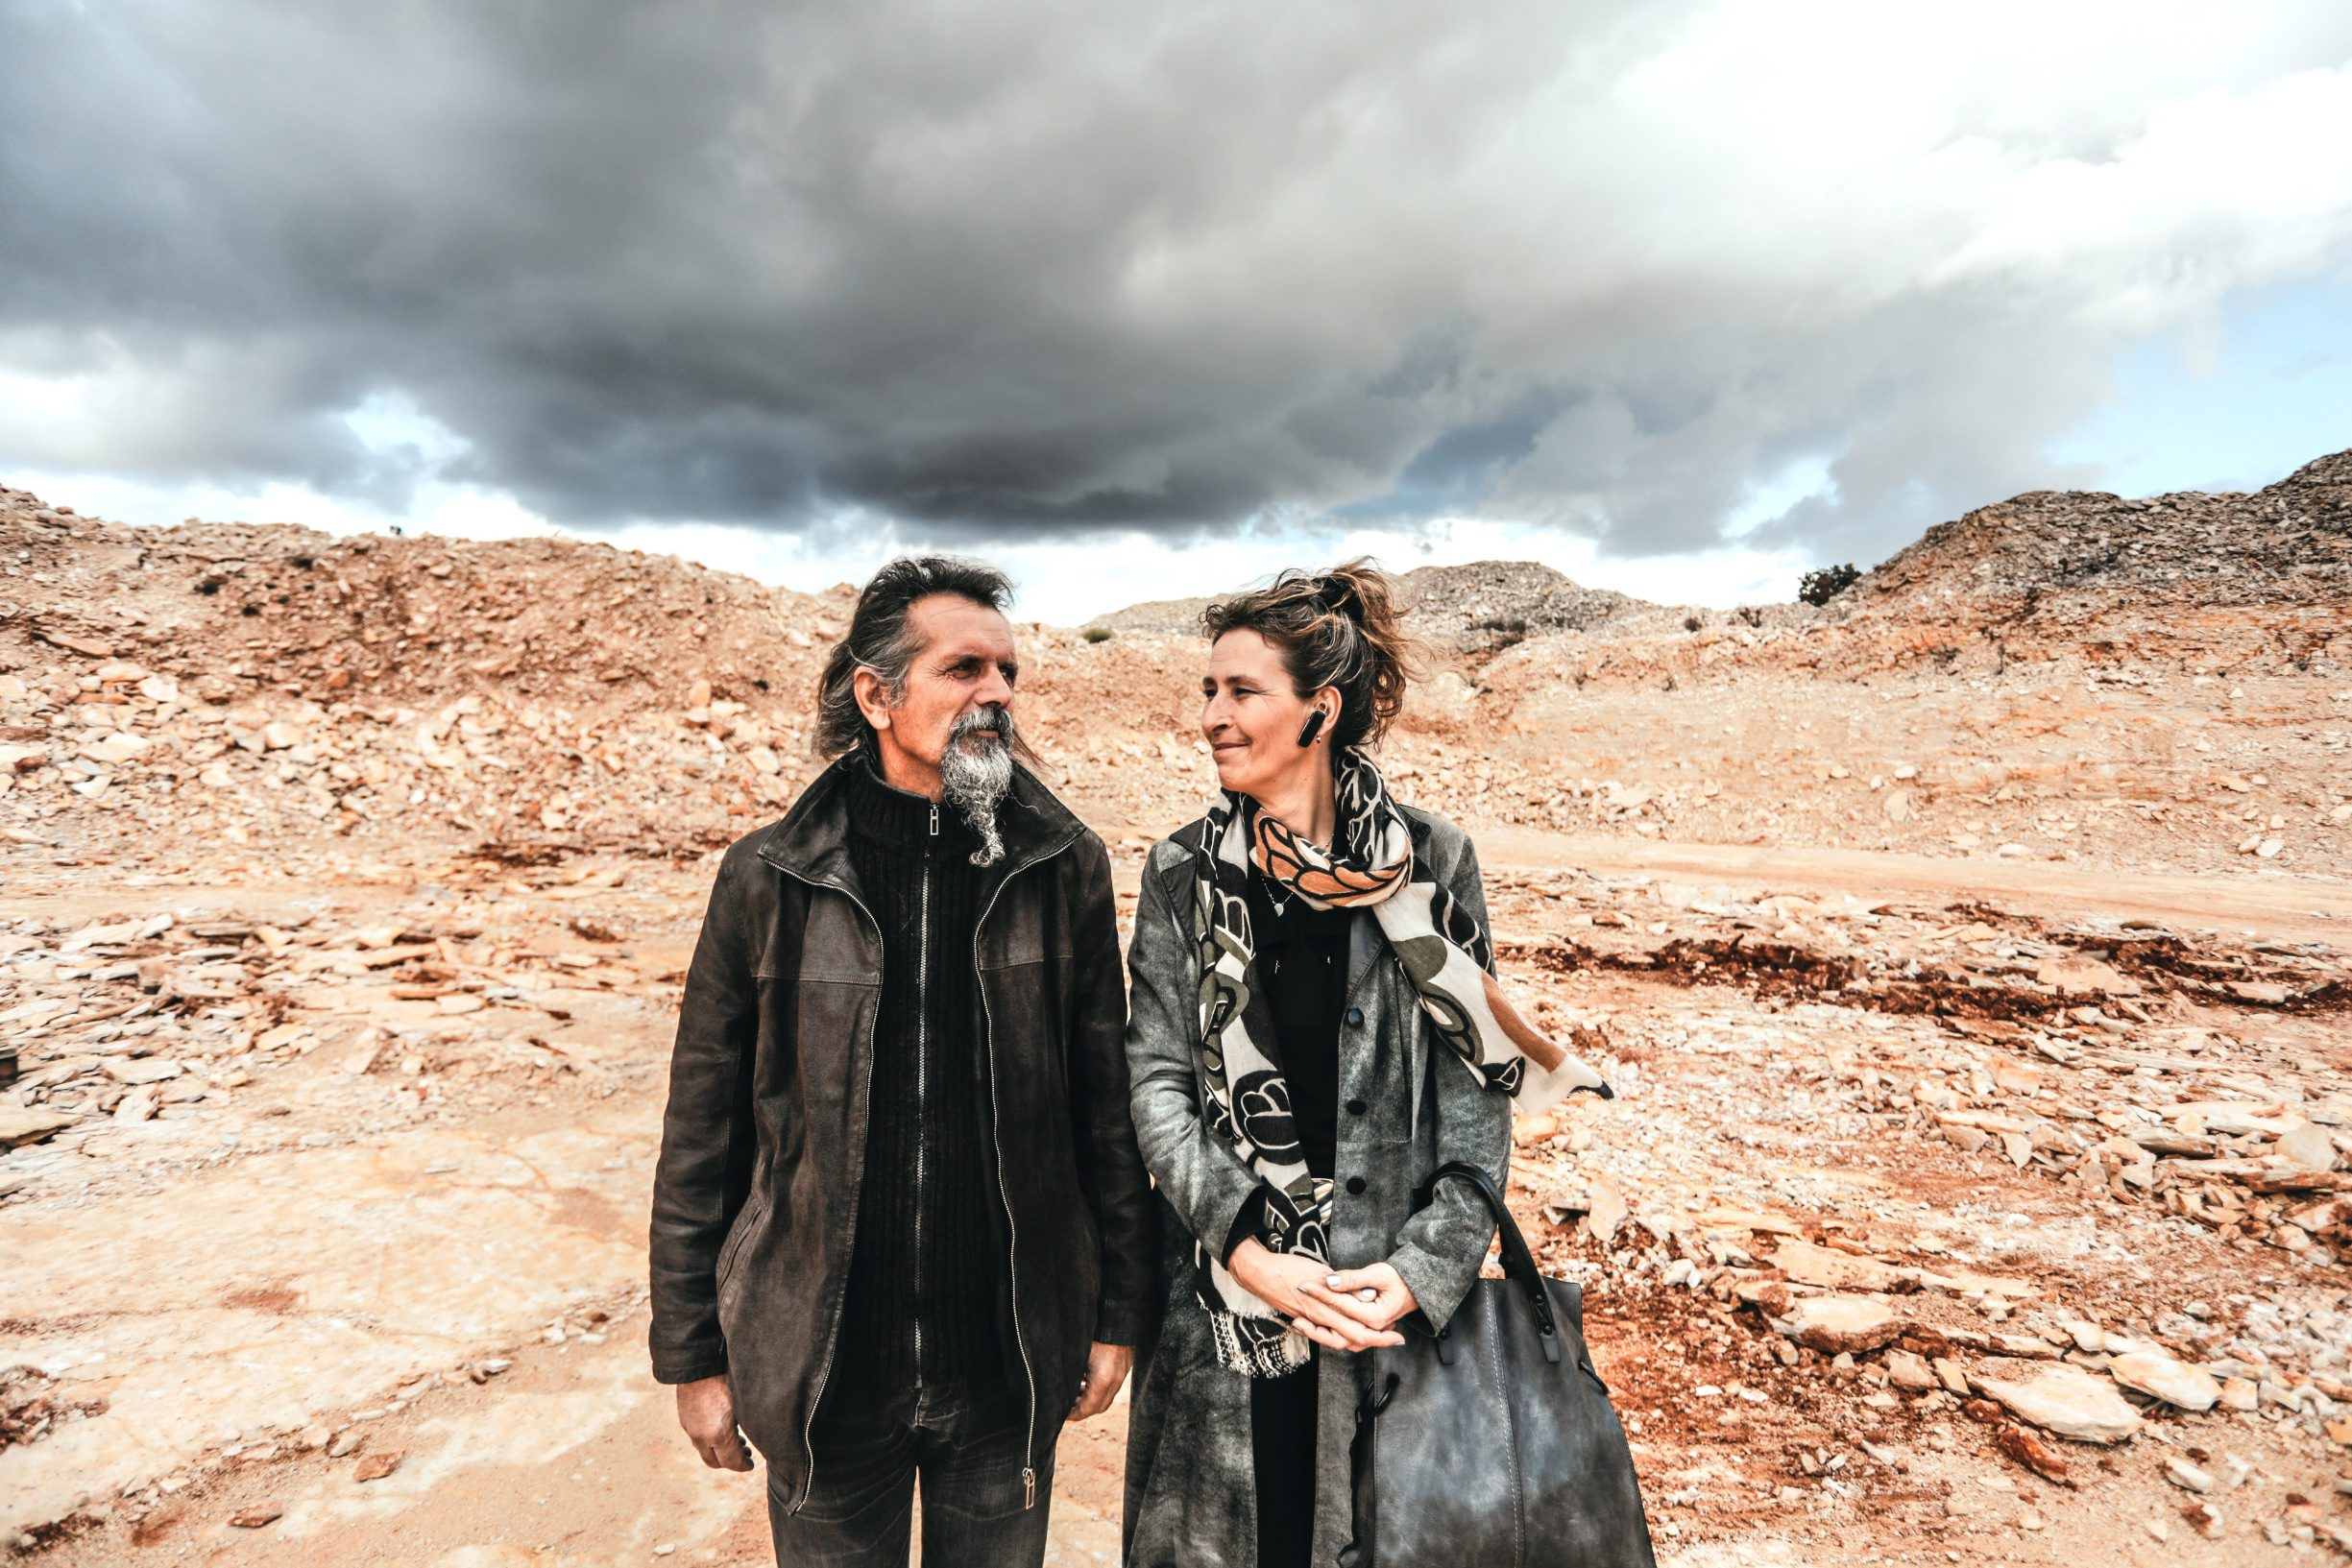 Benkovac, 031219 Reportaza o Benkovcu. Na fotografiji Omer Basic i Zdenka Perica,vlasnici tvrtke za vadjenje kamena ZIO Commerce iz Lisicica. Foto: Danijel Soldo / CROPIX